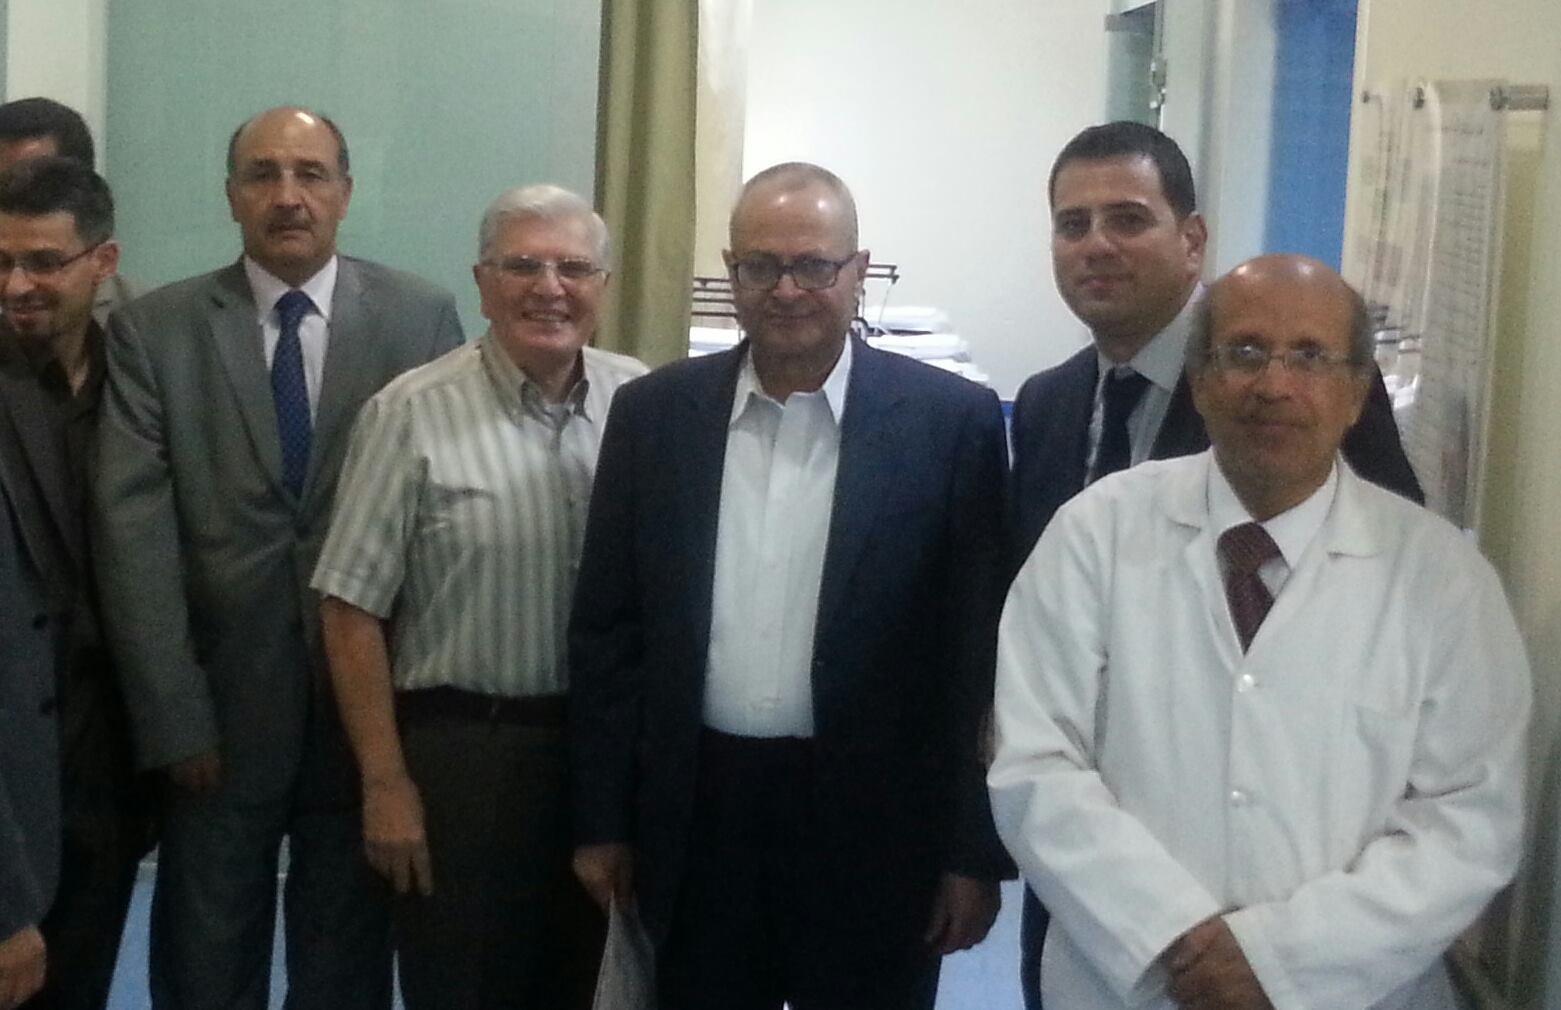 برفقة زملاء اعزاء في قسم التنظير بالمركز العربي الطبي  يوم السبت 16–8–2014